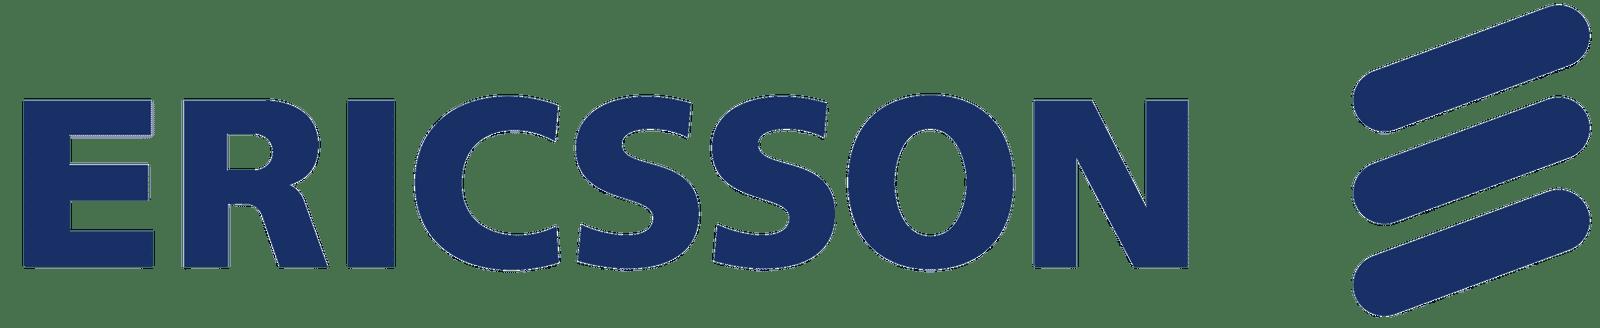 Rychlejší protokol od Ericssonu